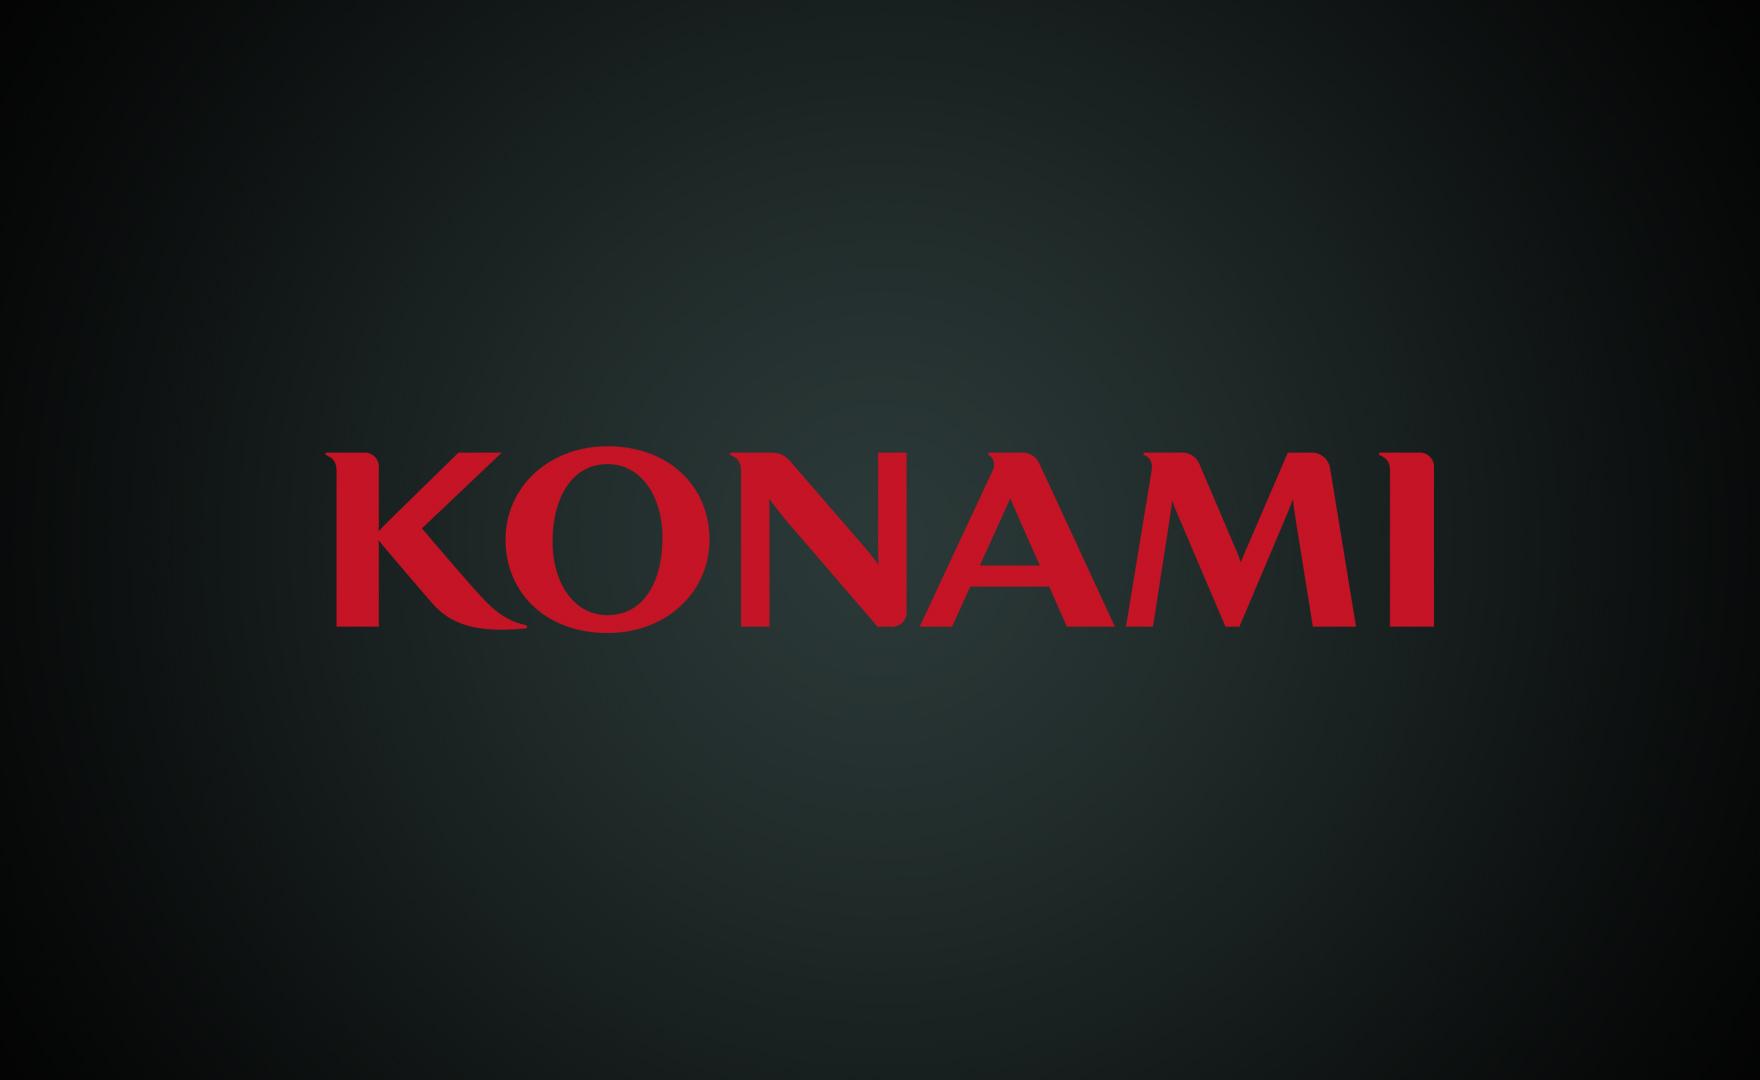 Konami rinnova due marchi importanti, annunci imminenti?